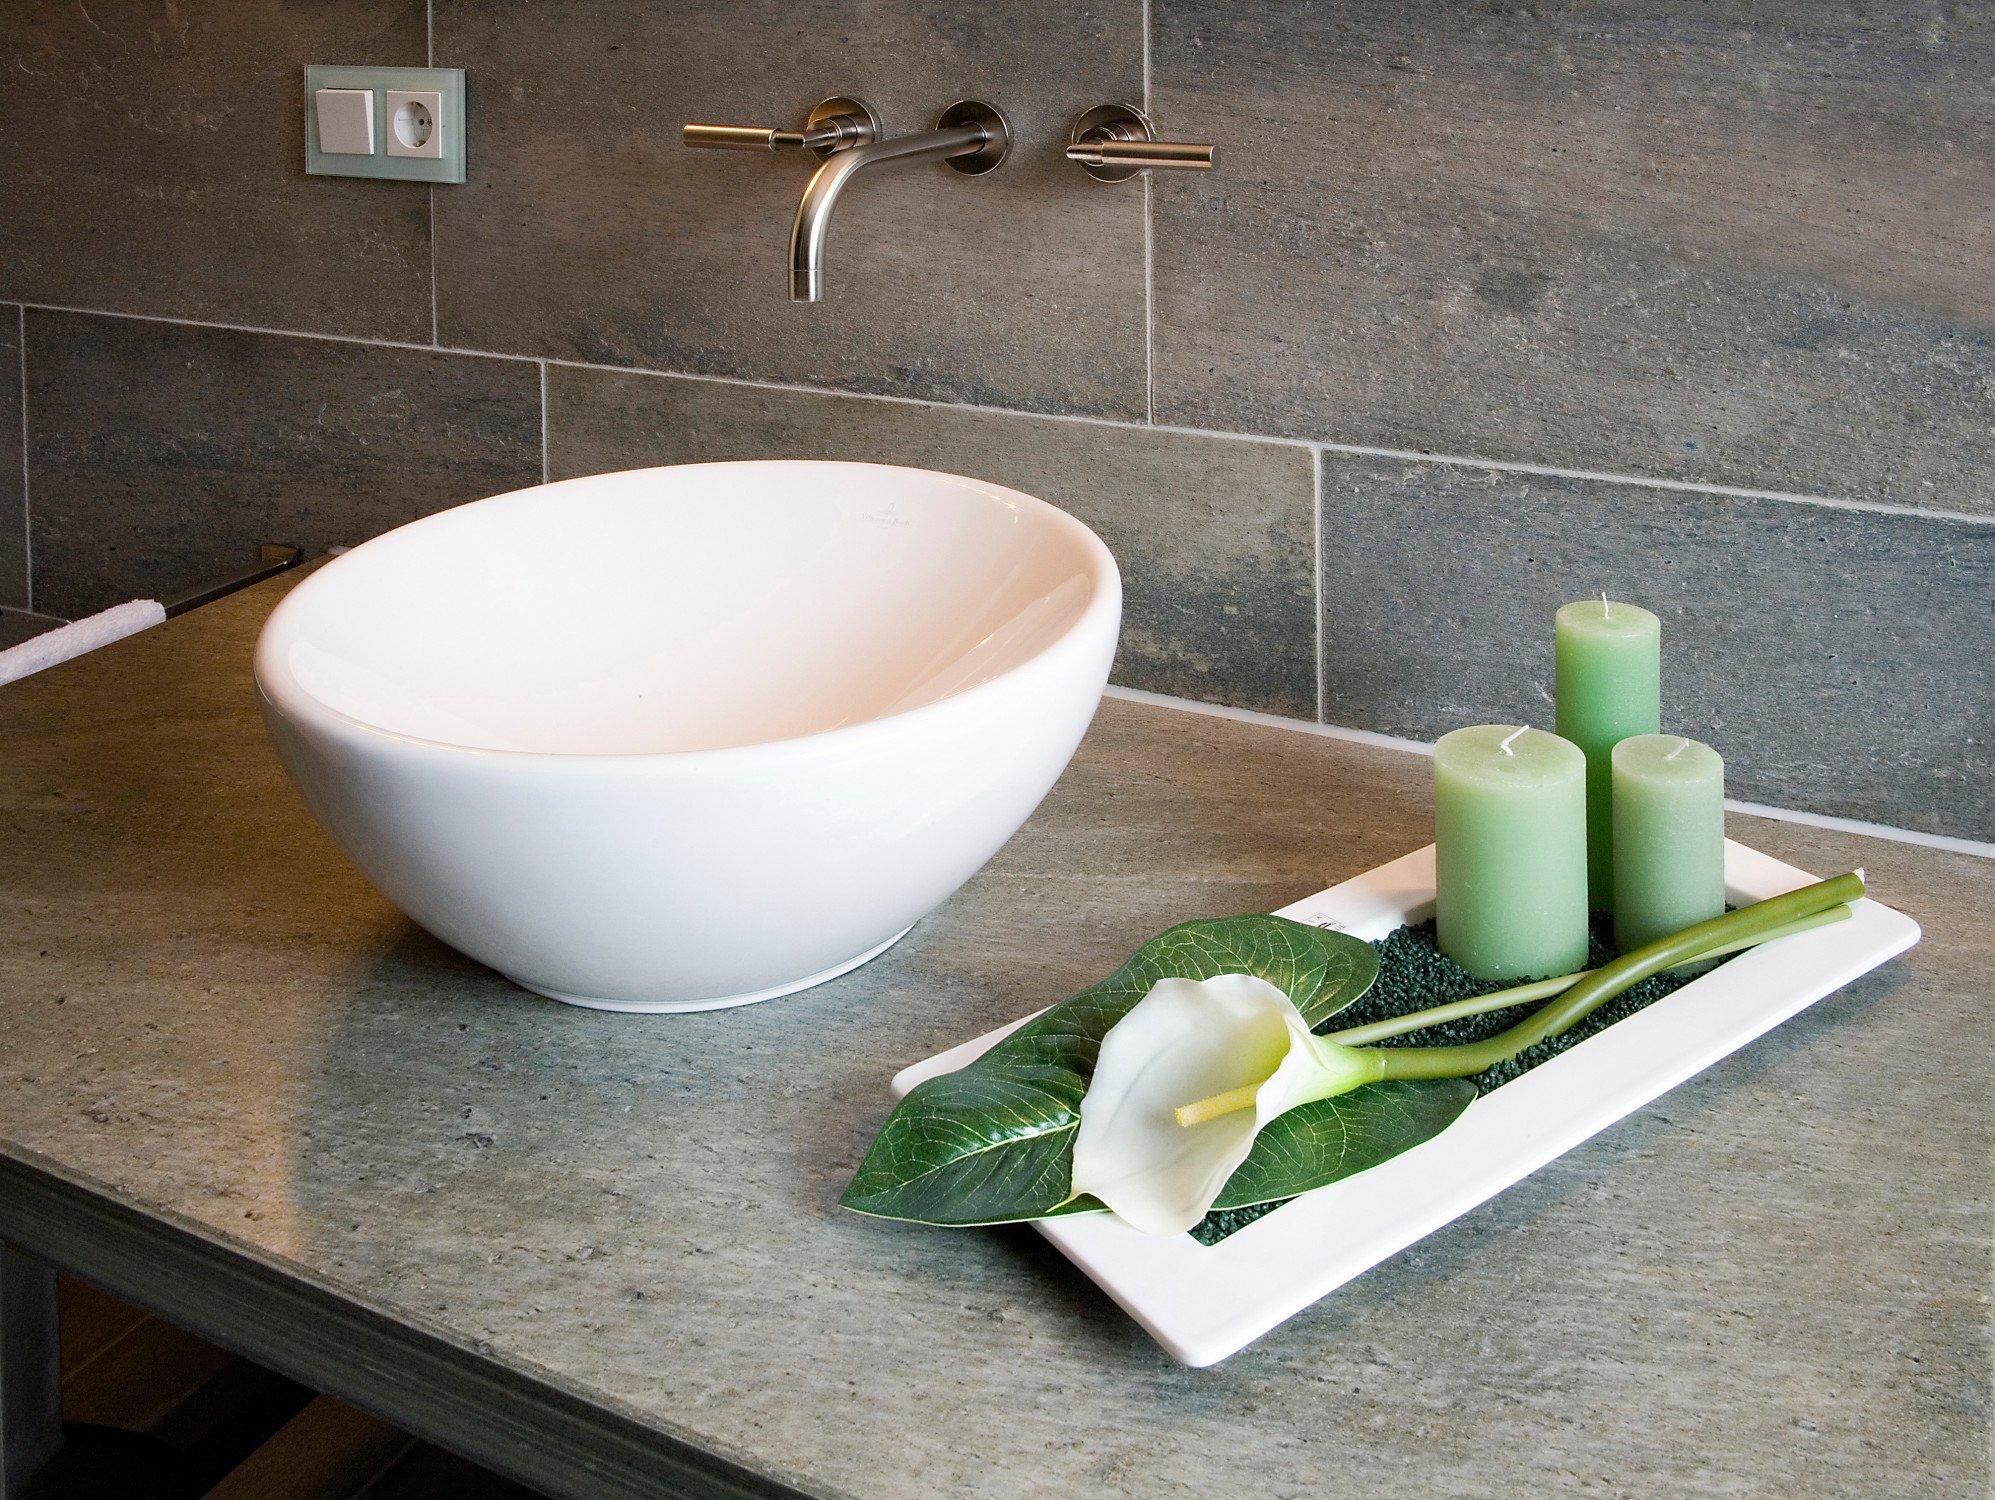 schieferfliesen und platten fliesen und platten kunst natursteine baunetz wissen. Black Bedroom Furniture Sets. Home Design Ideas